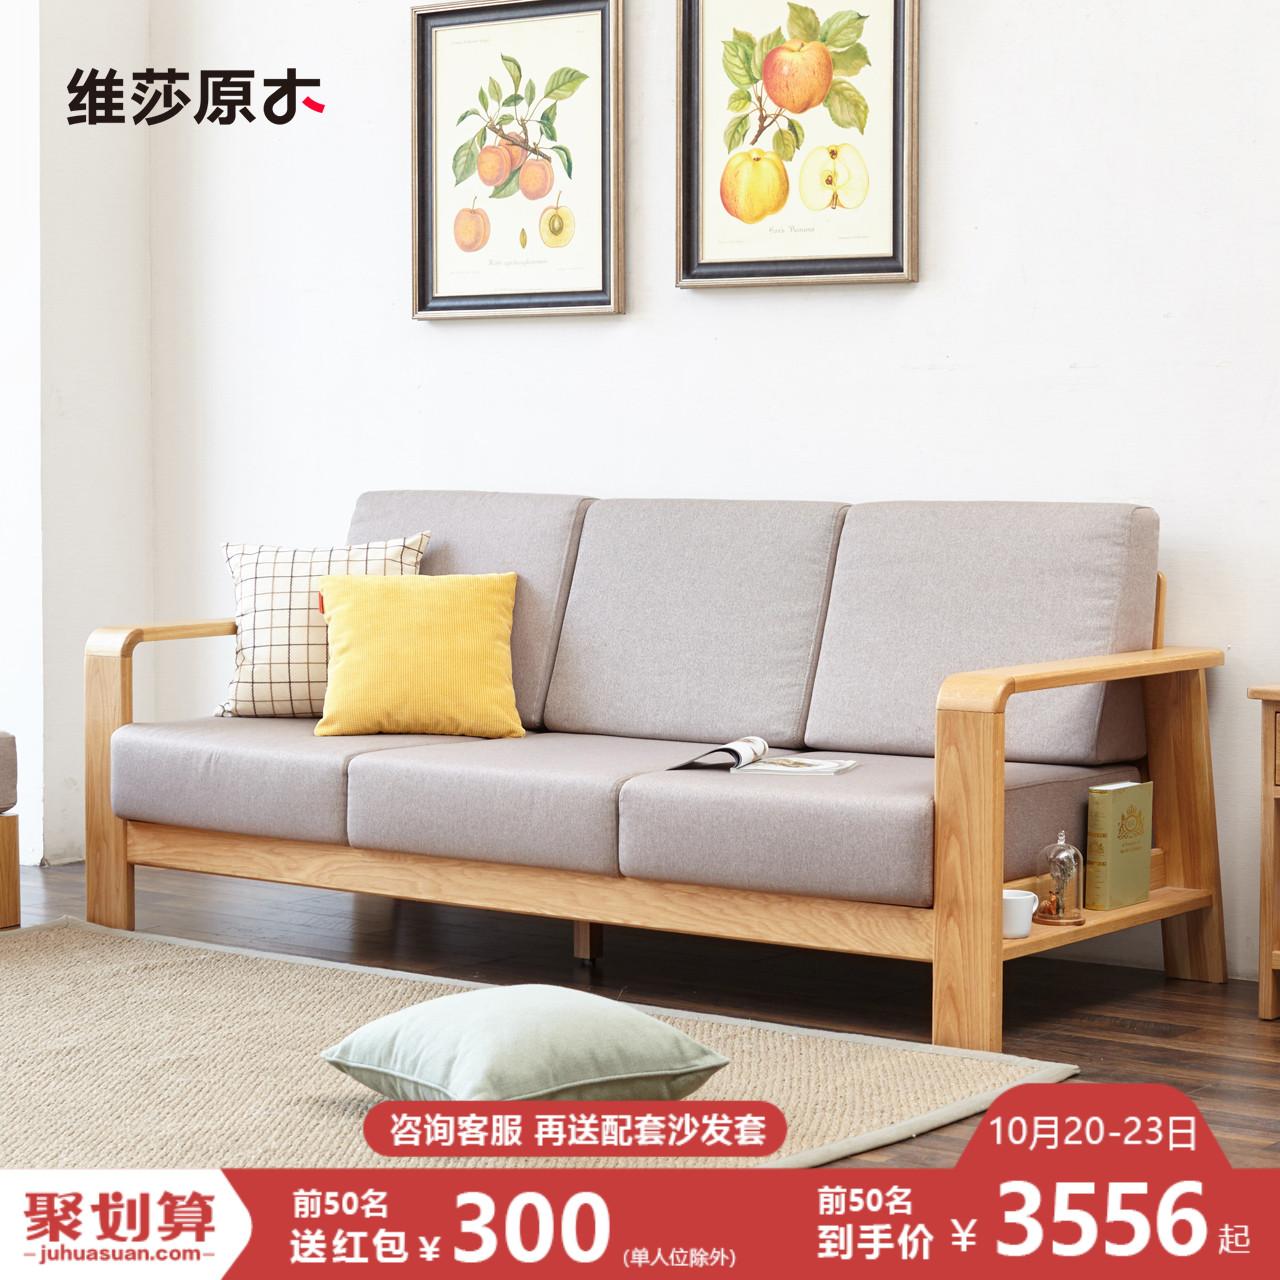 维莎日式全实木沙发组合小户型橡木可拆洗三人布艺转角沙发环保